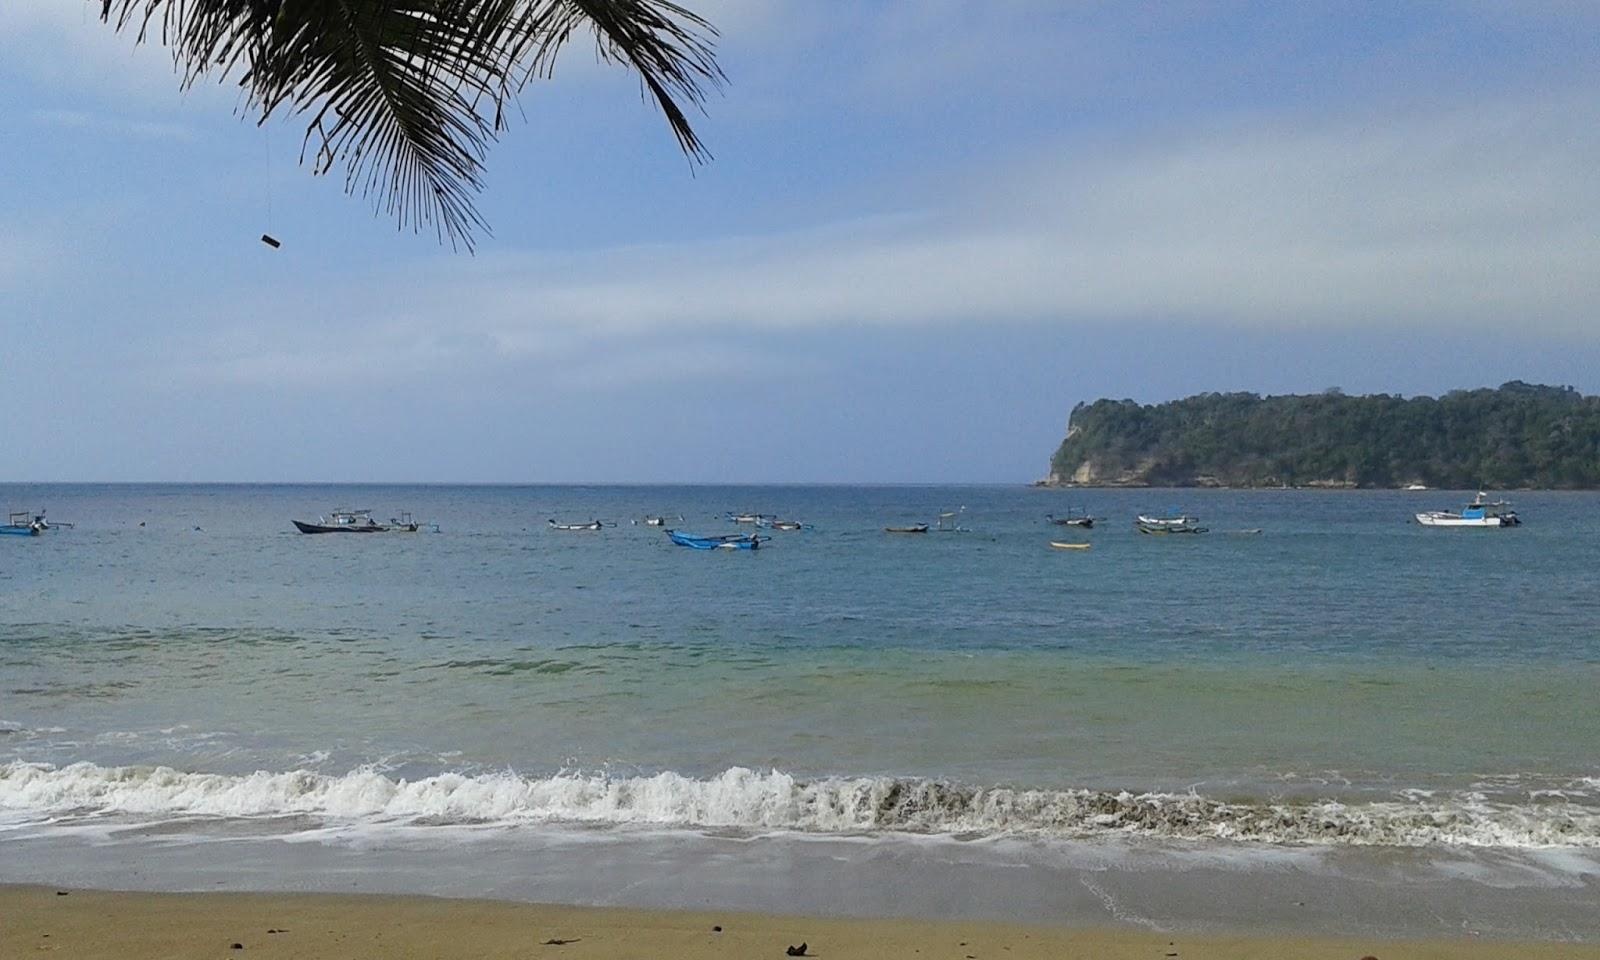 Pantai Tamban yang Terlupakan, Pantai Tamban, Pantai Tamban Malang, Kabupaten Malang, Dolan Dolen, Dolaners Keindahan Alam Pantai Tamban via Nurtjahja Juniarsa - Dolan Dolen